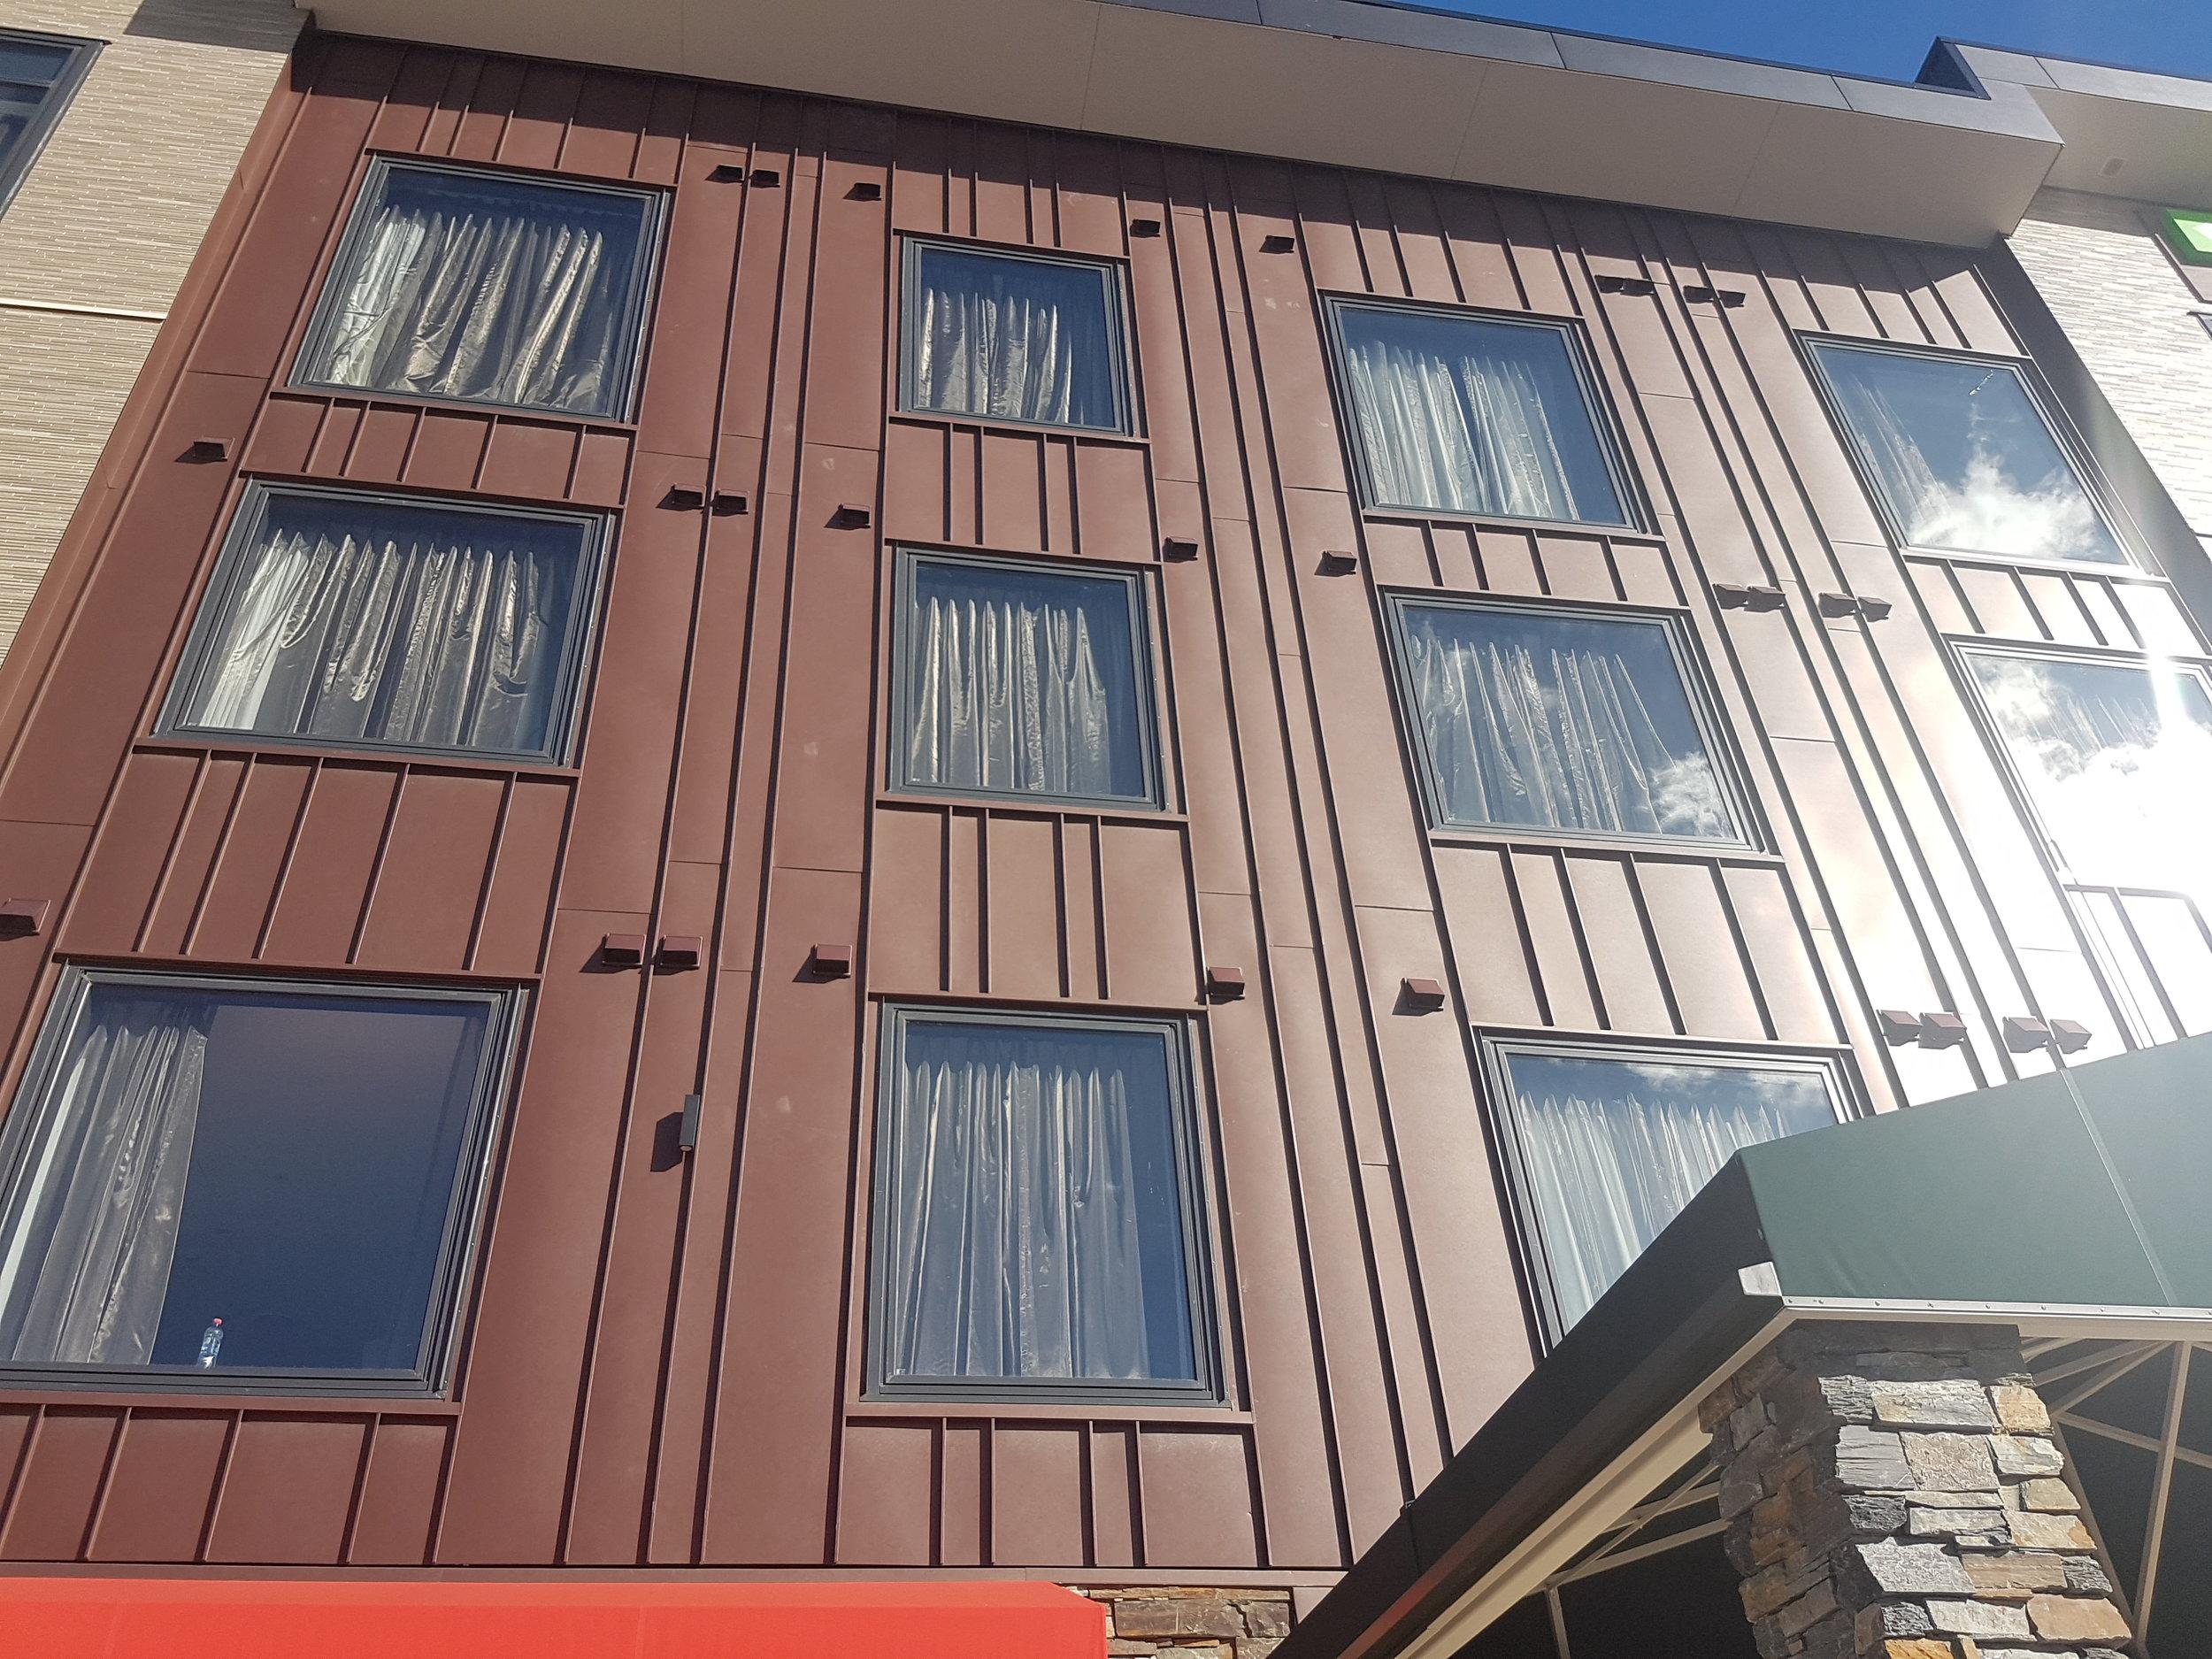 The-Roofing-Store-Steel-Metal-Standing-Seam-5.jpg.jpg